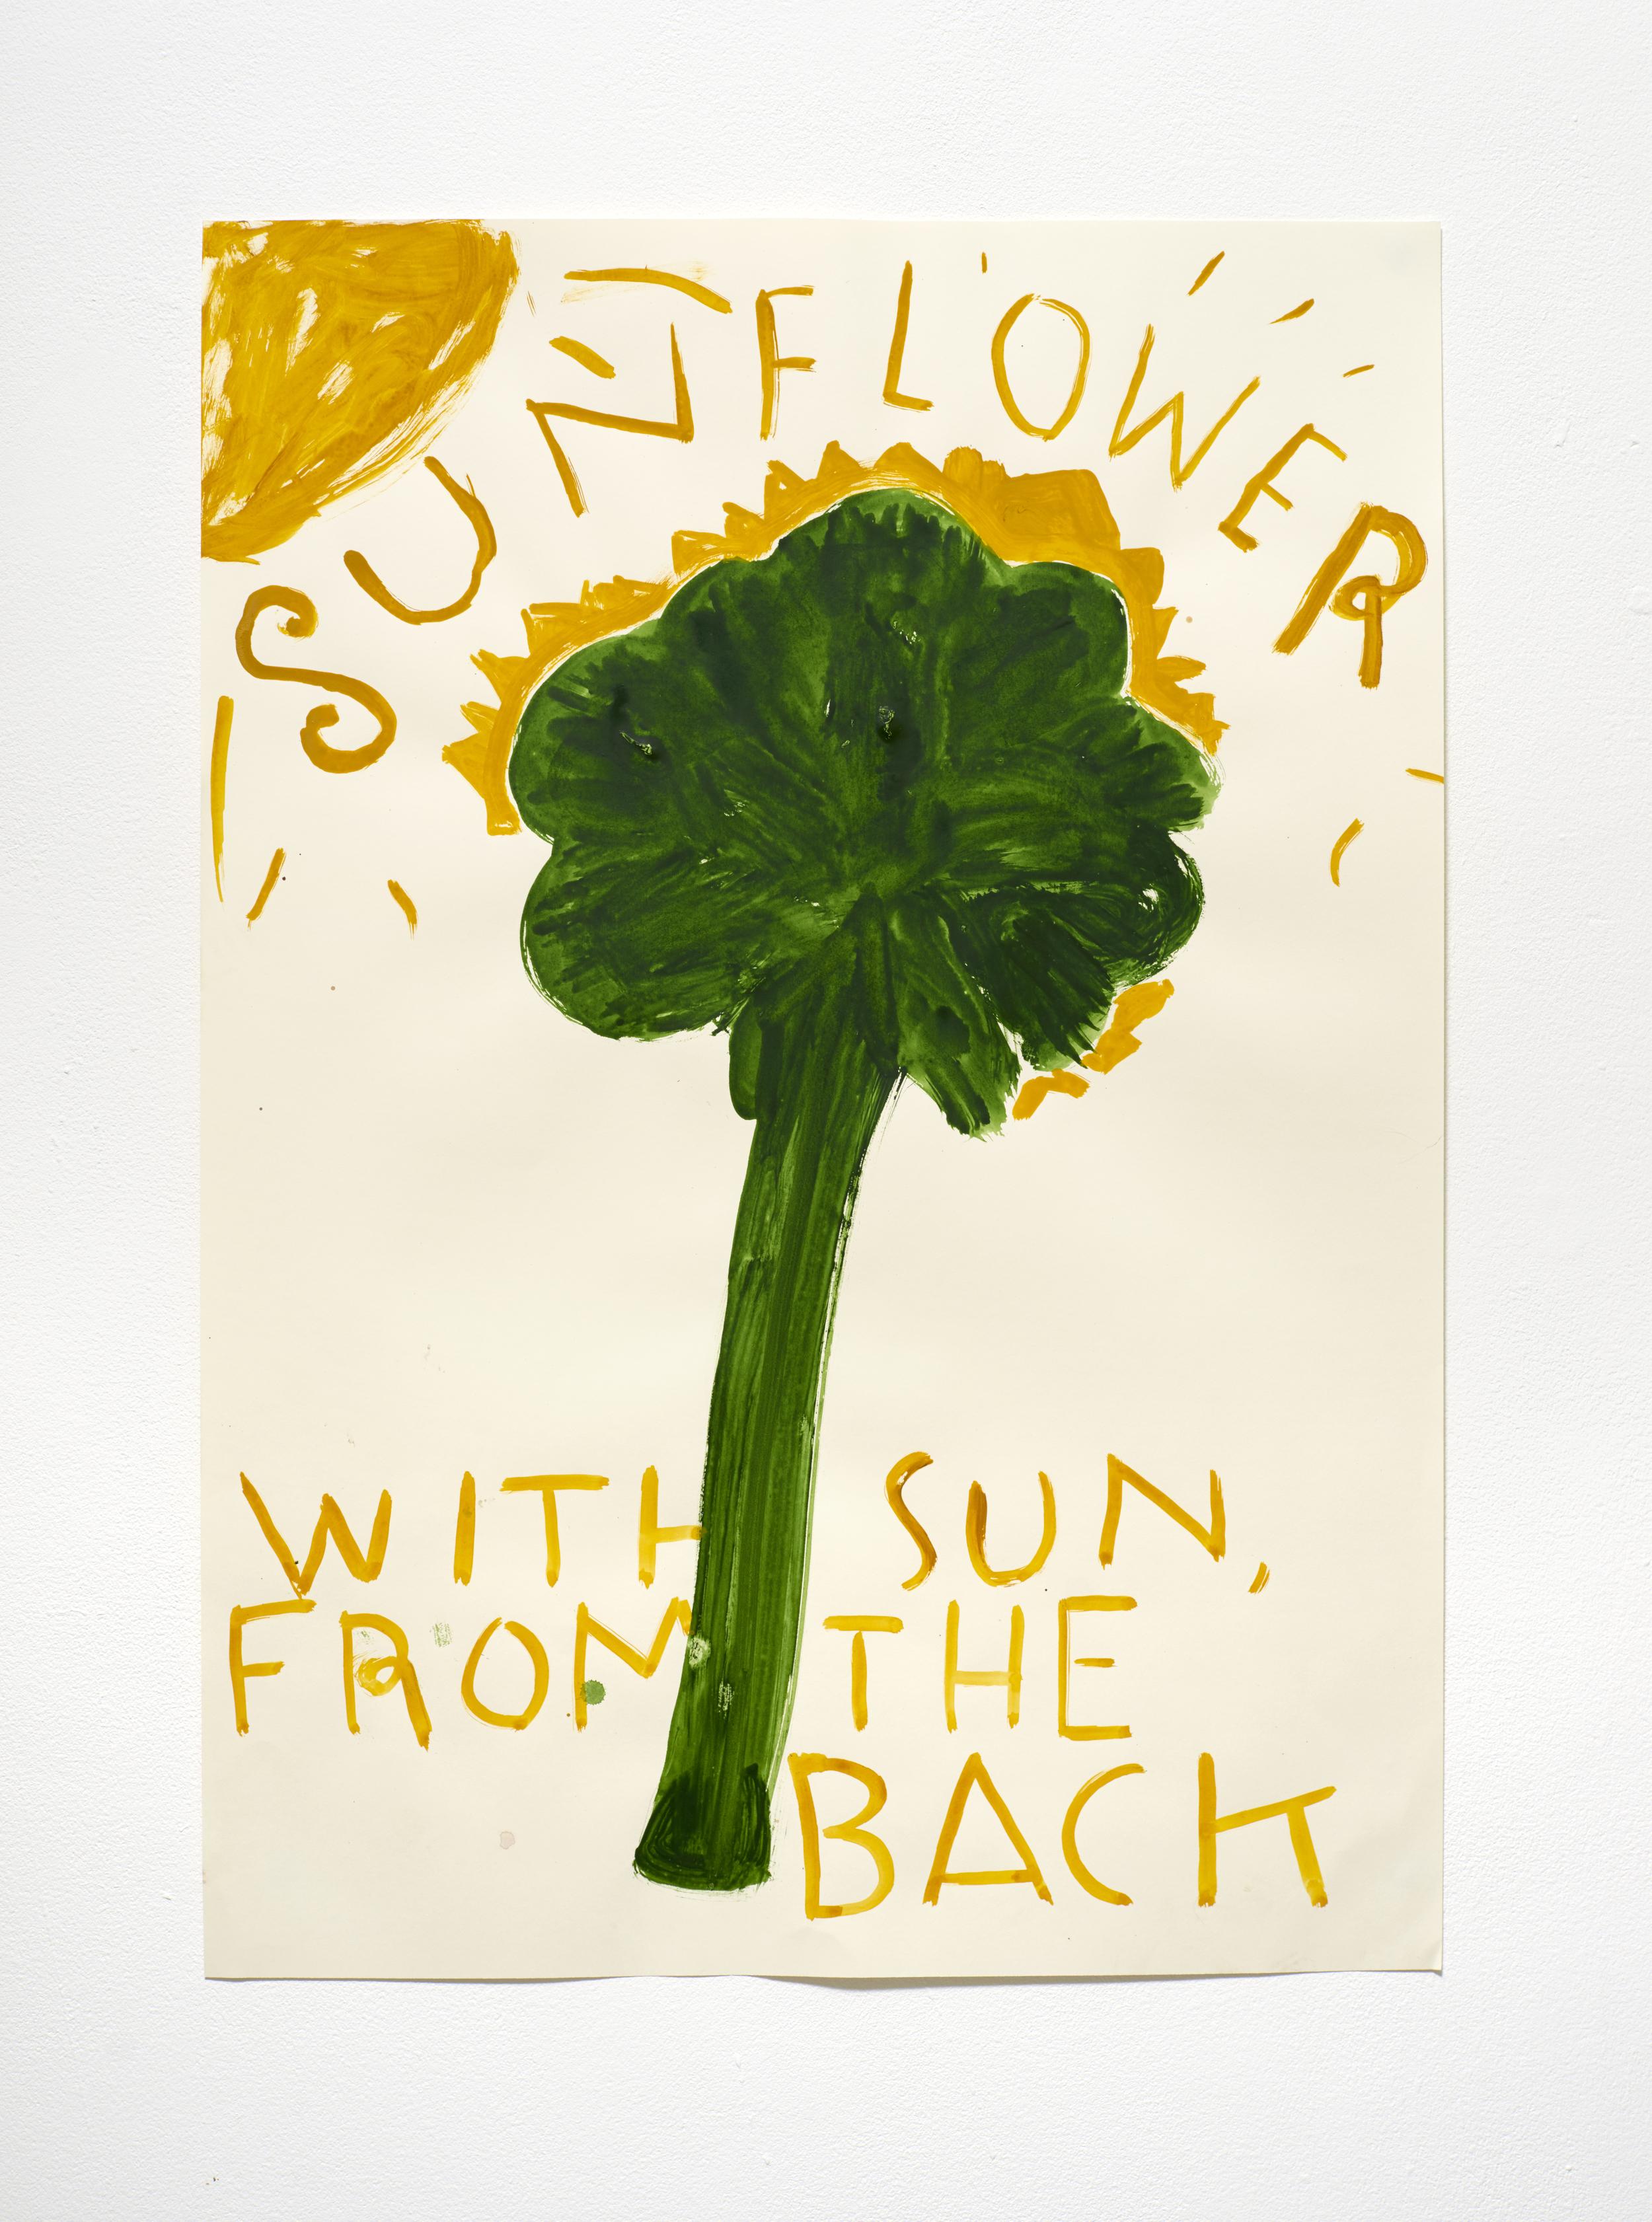 向日葵 Sunflower (2015)